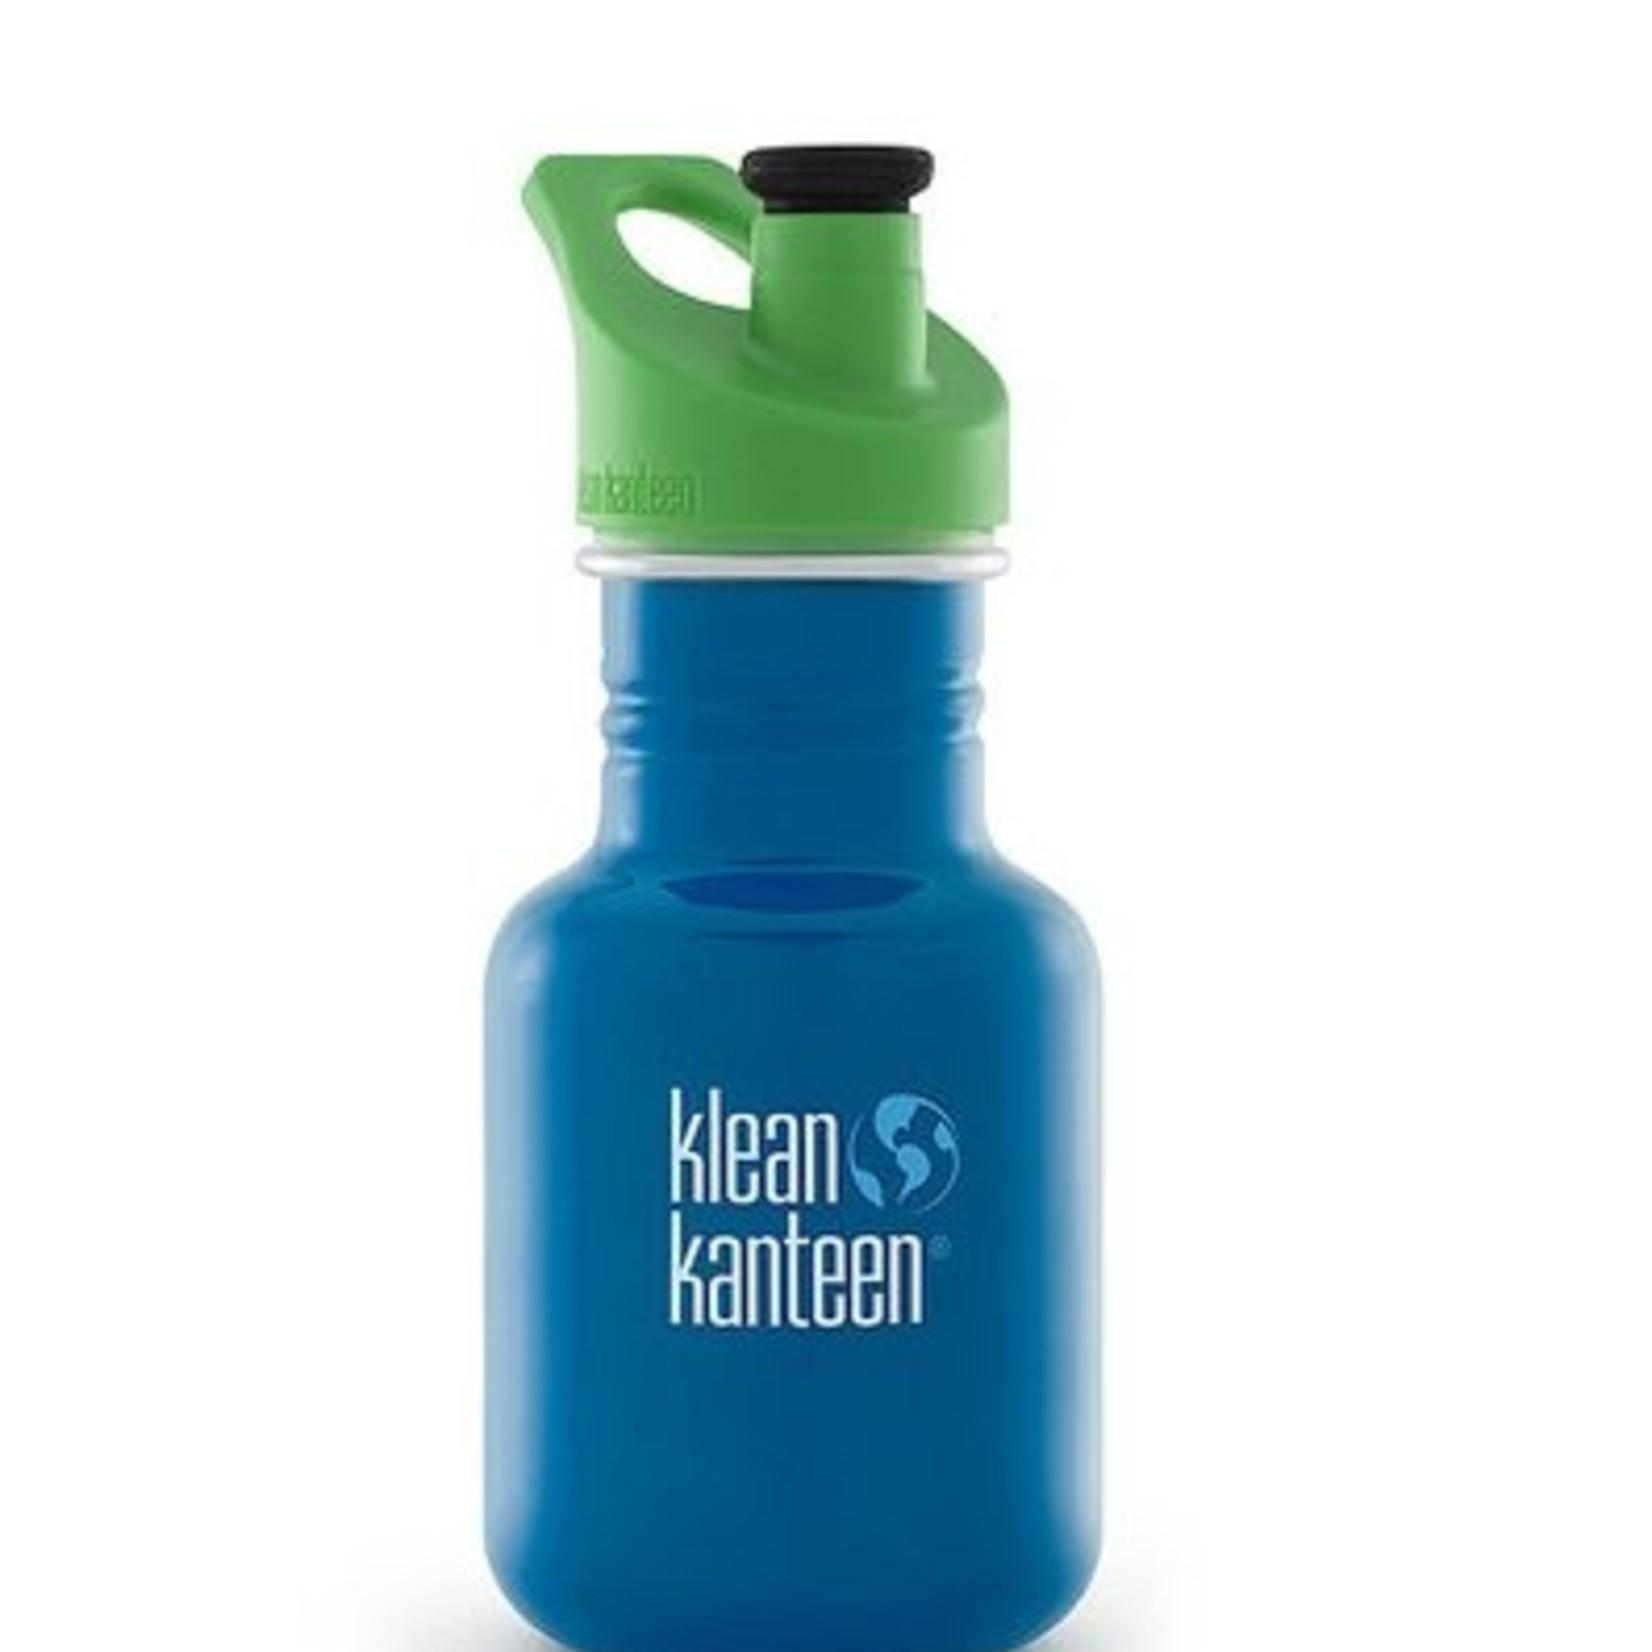 Klean Kanteen Schoolbeker Classic met sportdop